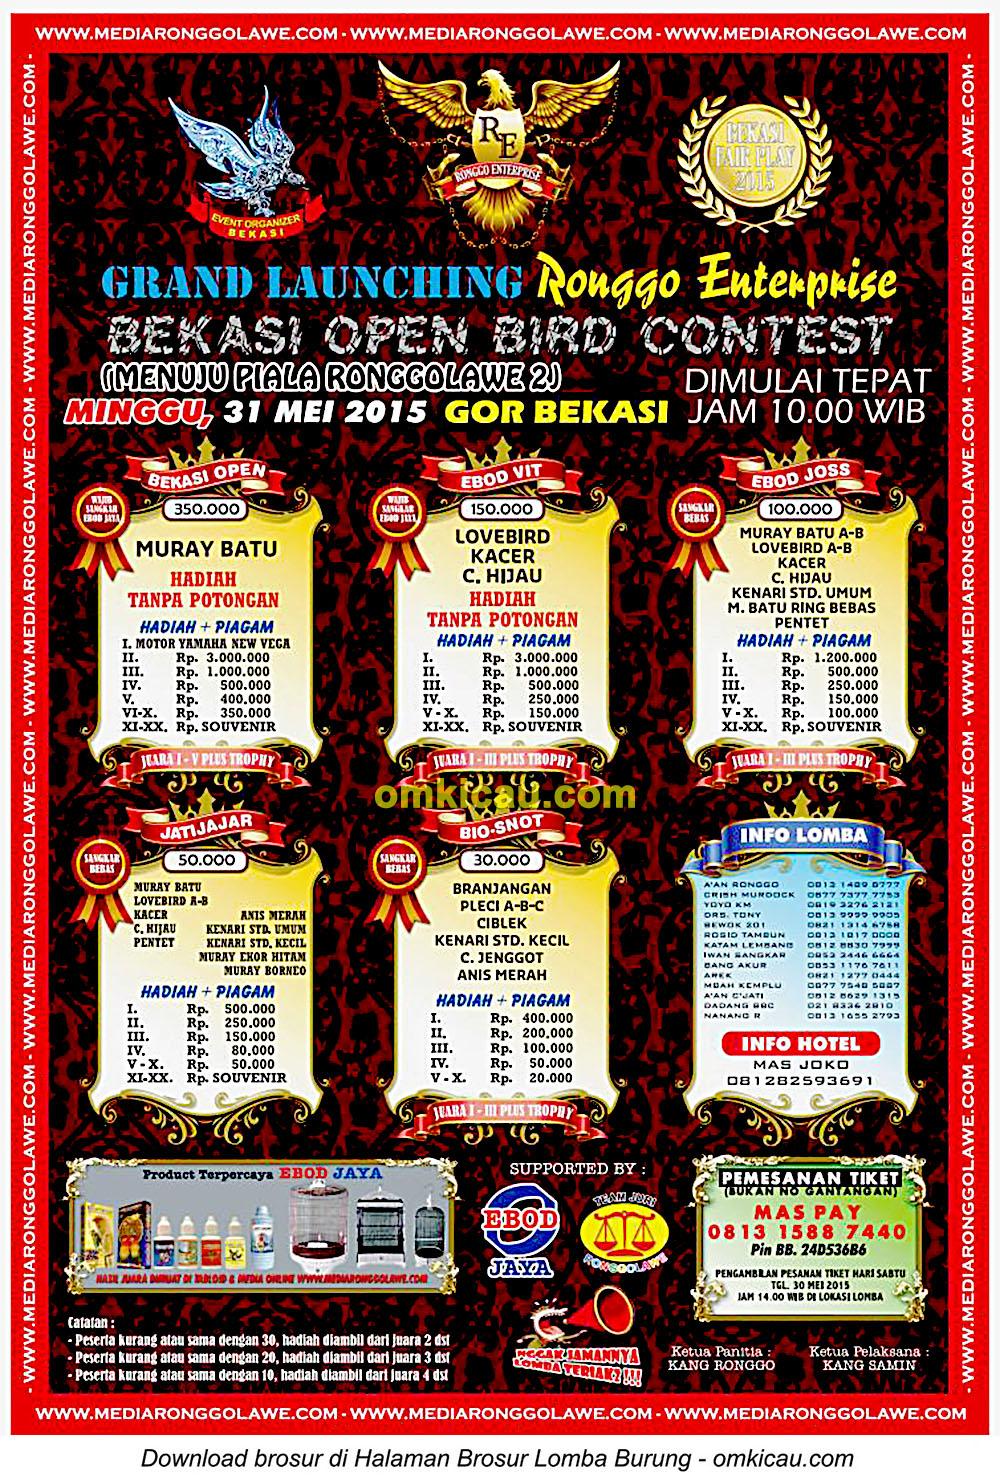 Brosur Lomba Burung Berkicau Grand Launching Ronggo Enterprise, Bekasi, 31 Mei 2015